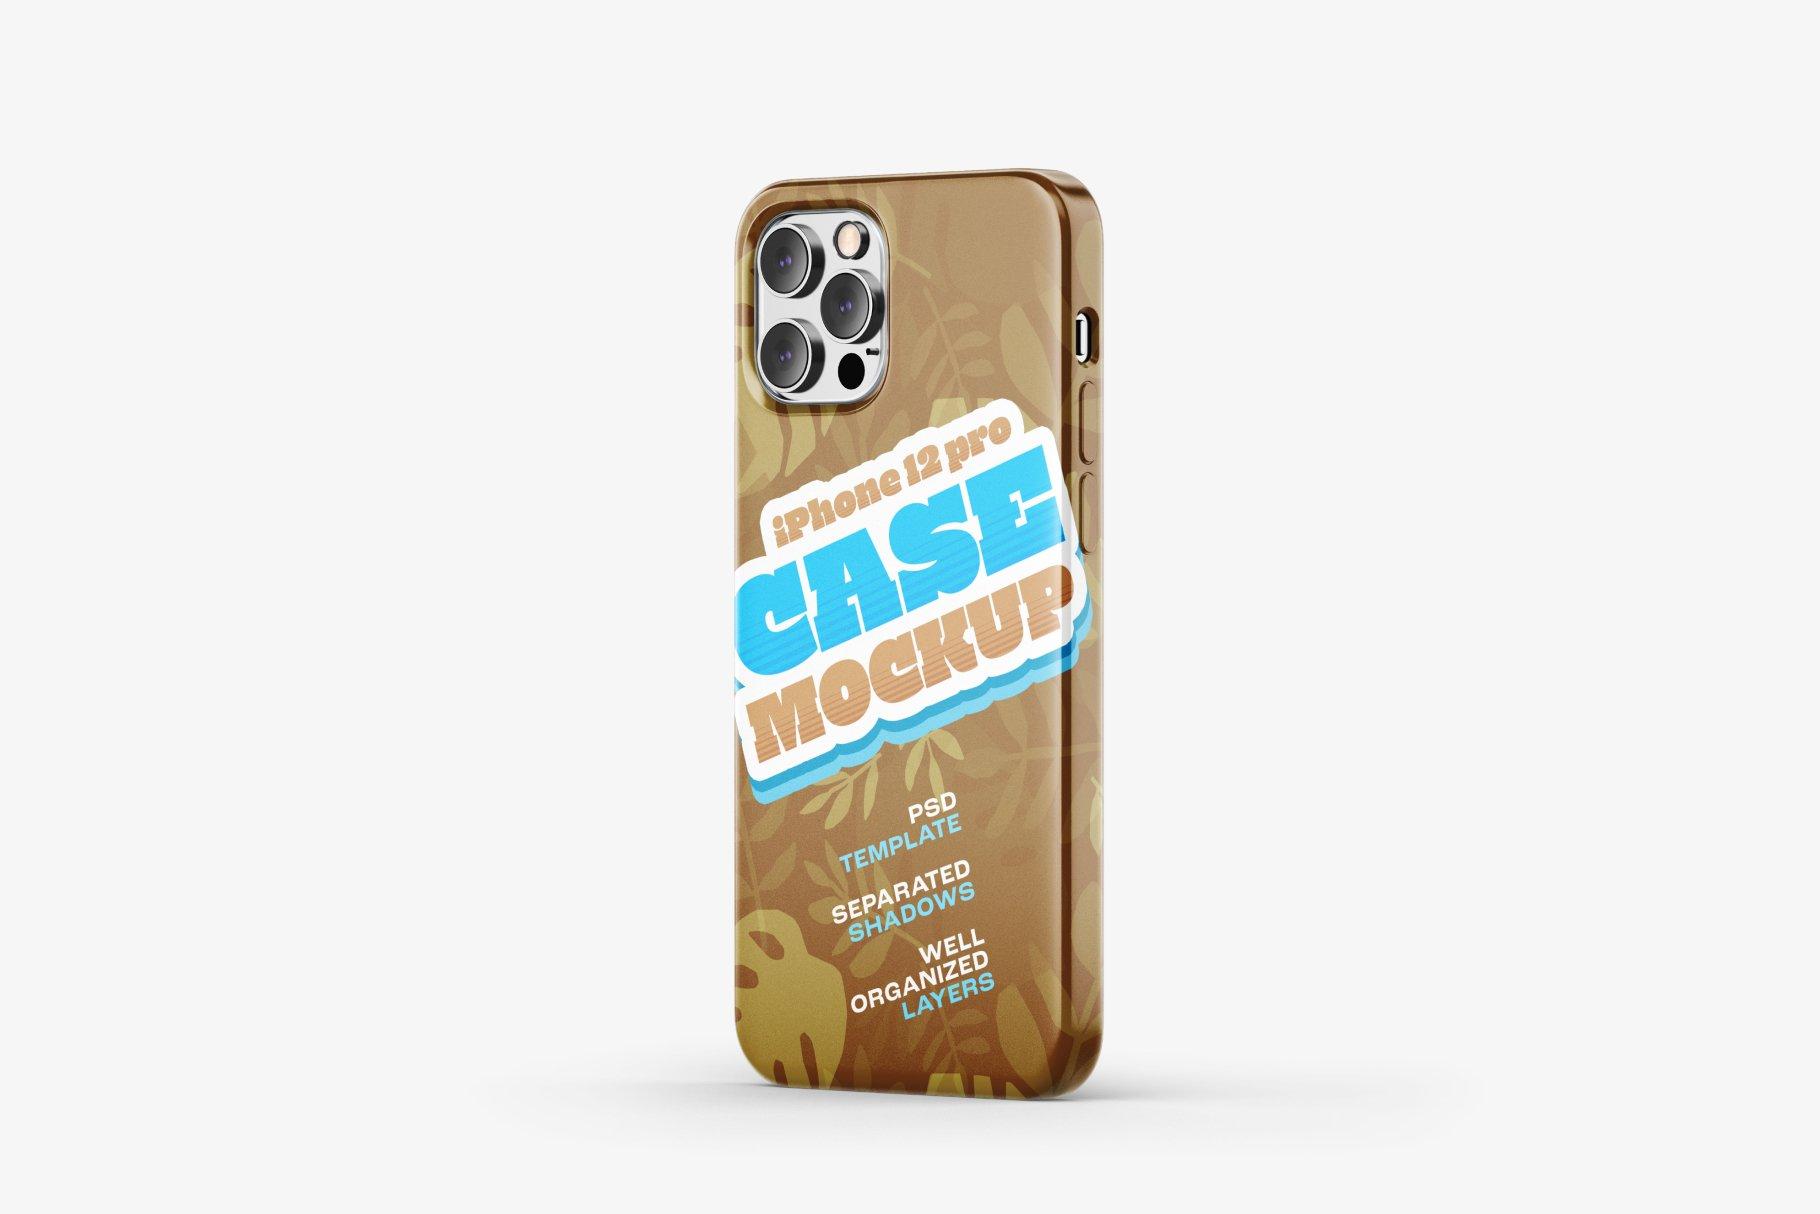 14款iPhone 12 Pro手机壳外观设计展示样机合集 iPhone 12 Pro Case Mockup Set插图5